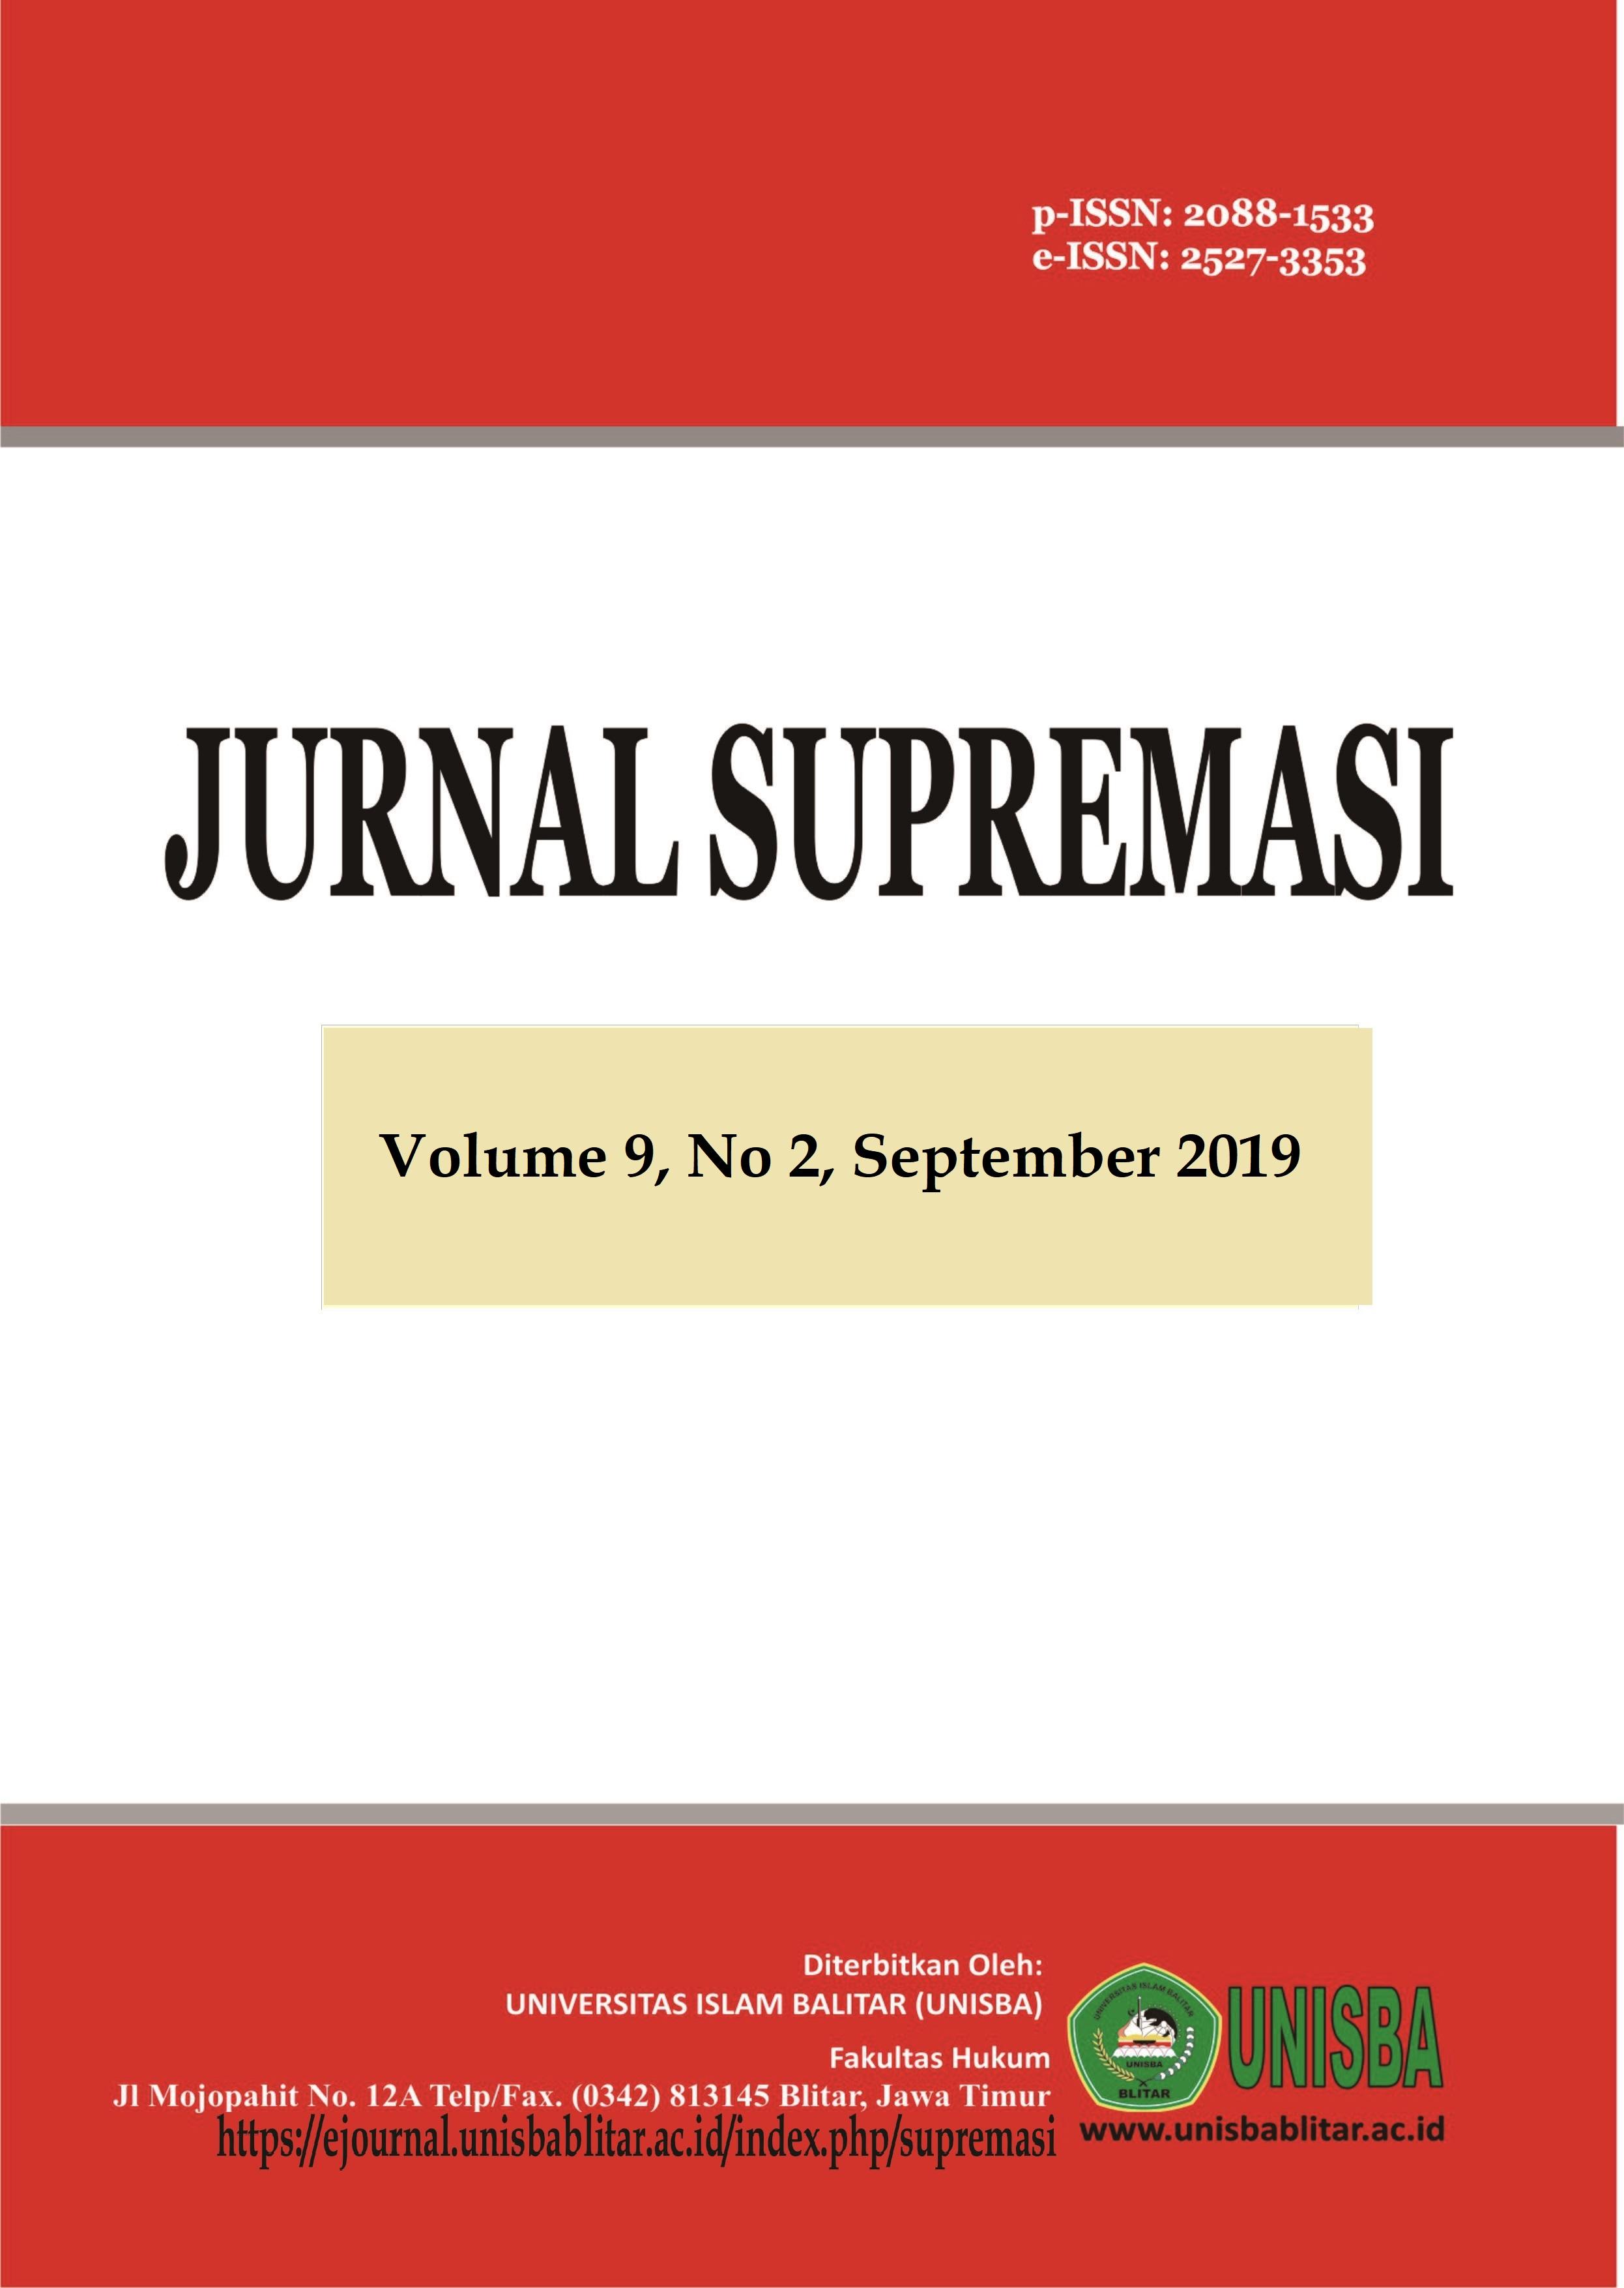 Jurnal Supremasi: Volume 9 Nomor 2 Tahun 2019